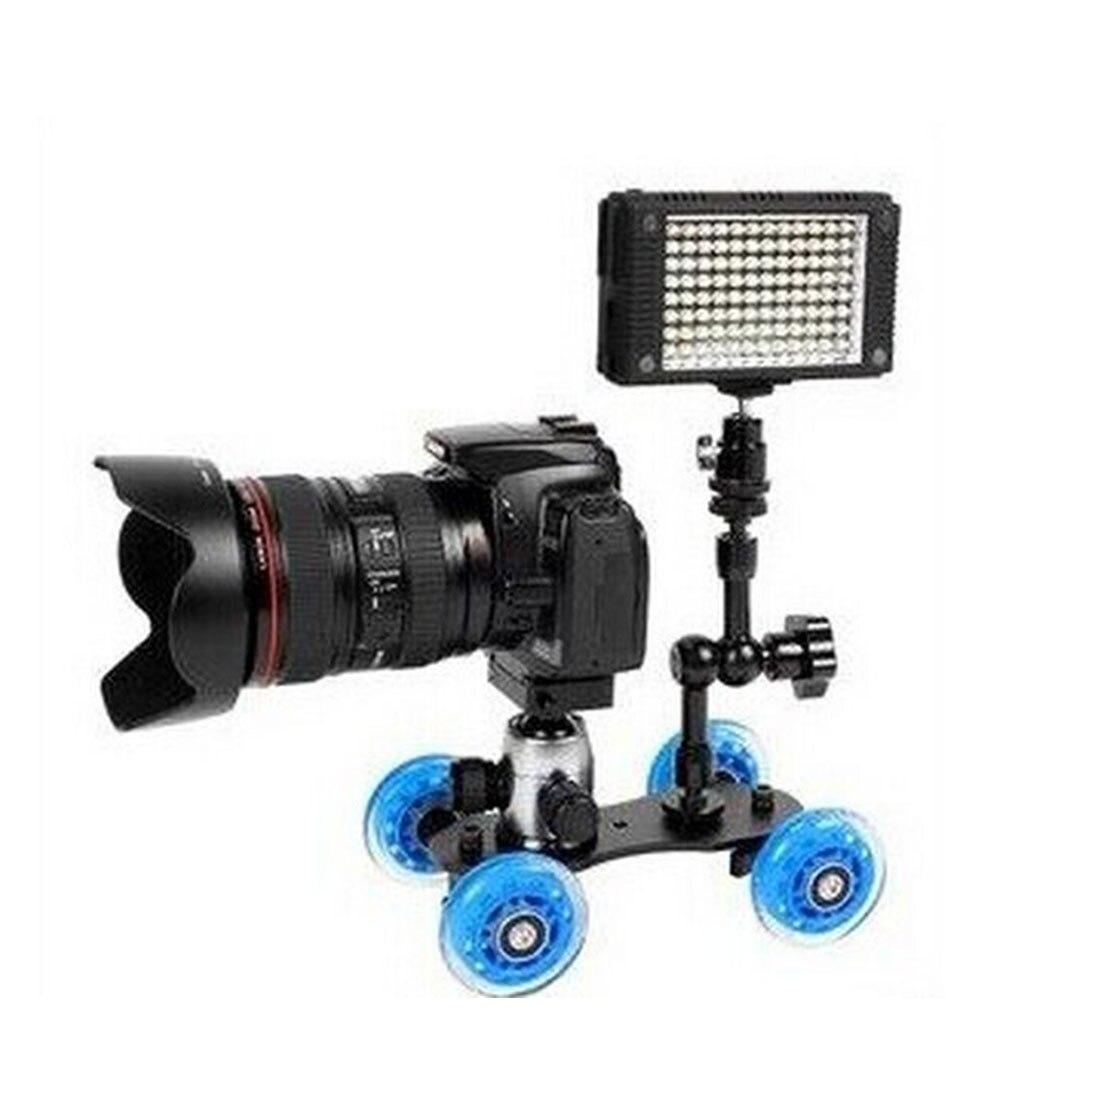 Centechia Four-wheeler Steadicam Stabilizer for Video DSLR Camera Camcorder for Canon Nikon Sony Gopro Hero Phone DSLR DV цена